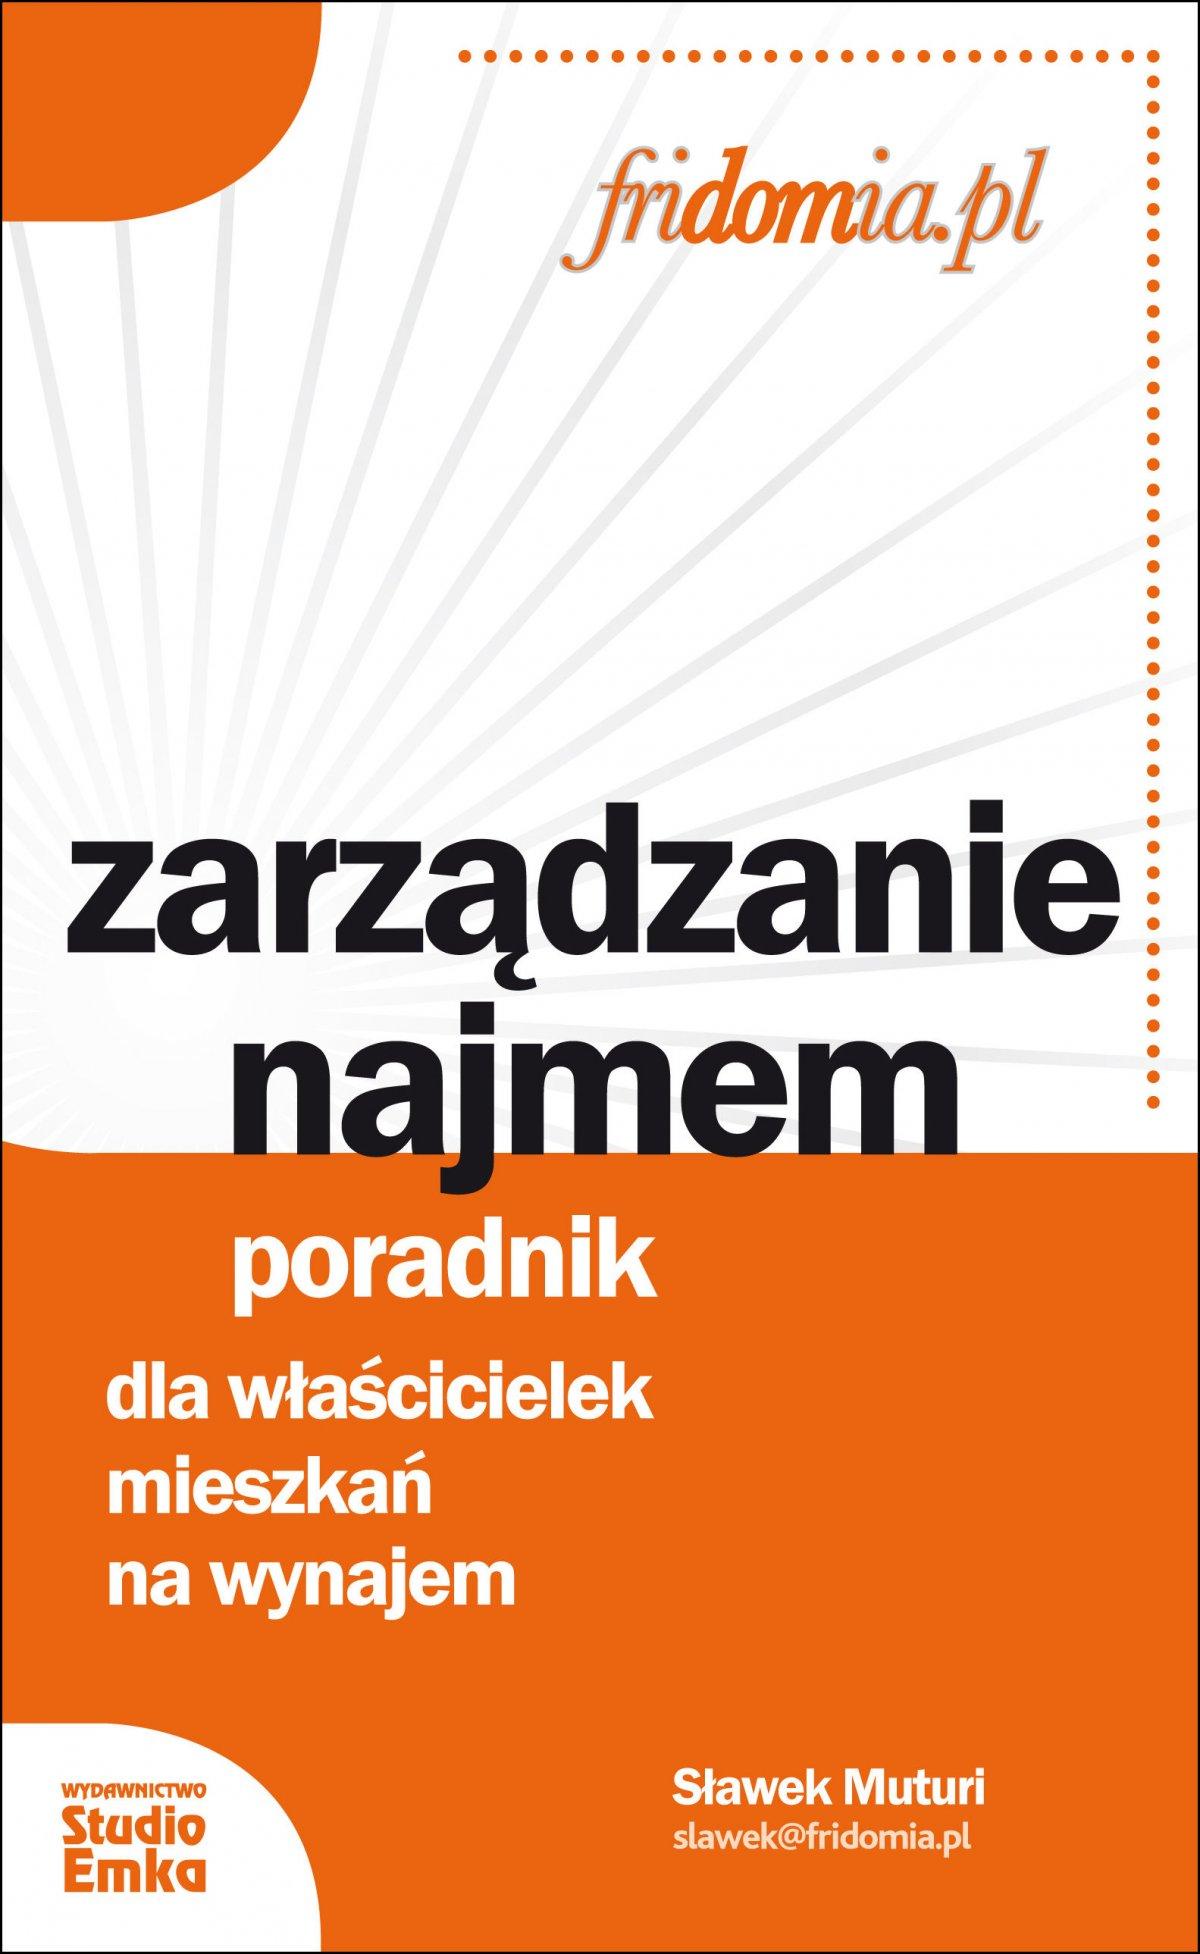 Zarządzanie najmem. Poradnik dla właścicielek mieszkań na wynajem - Ebook (Książka na Kindle) do pobrania w formacie MOBI